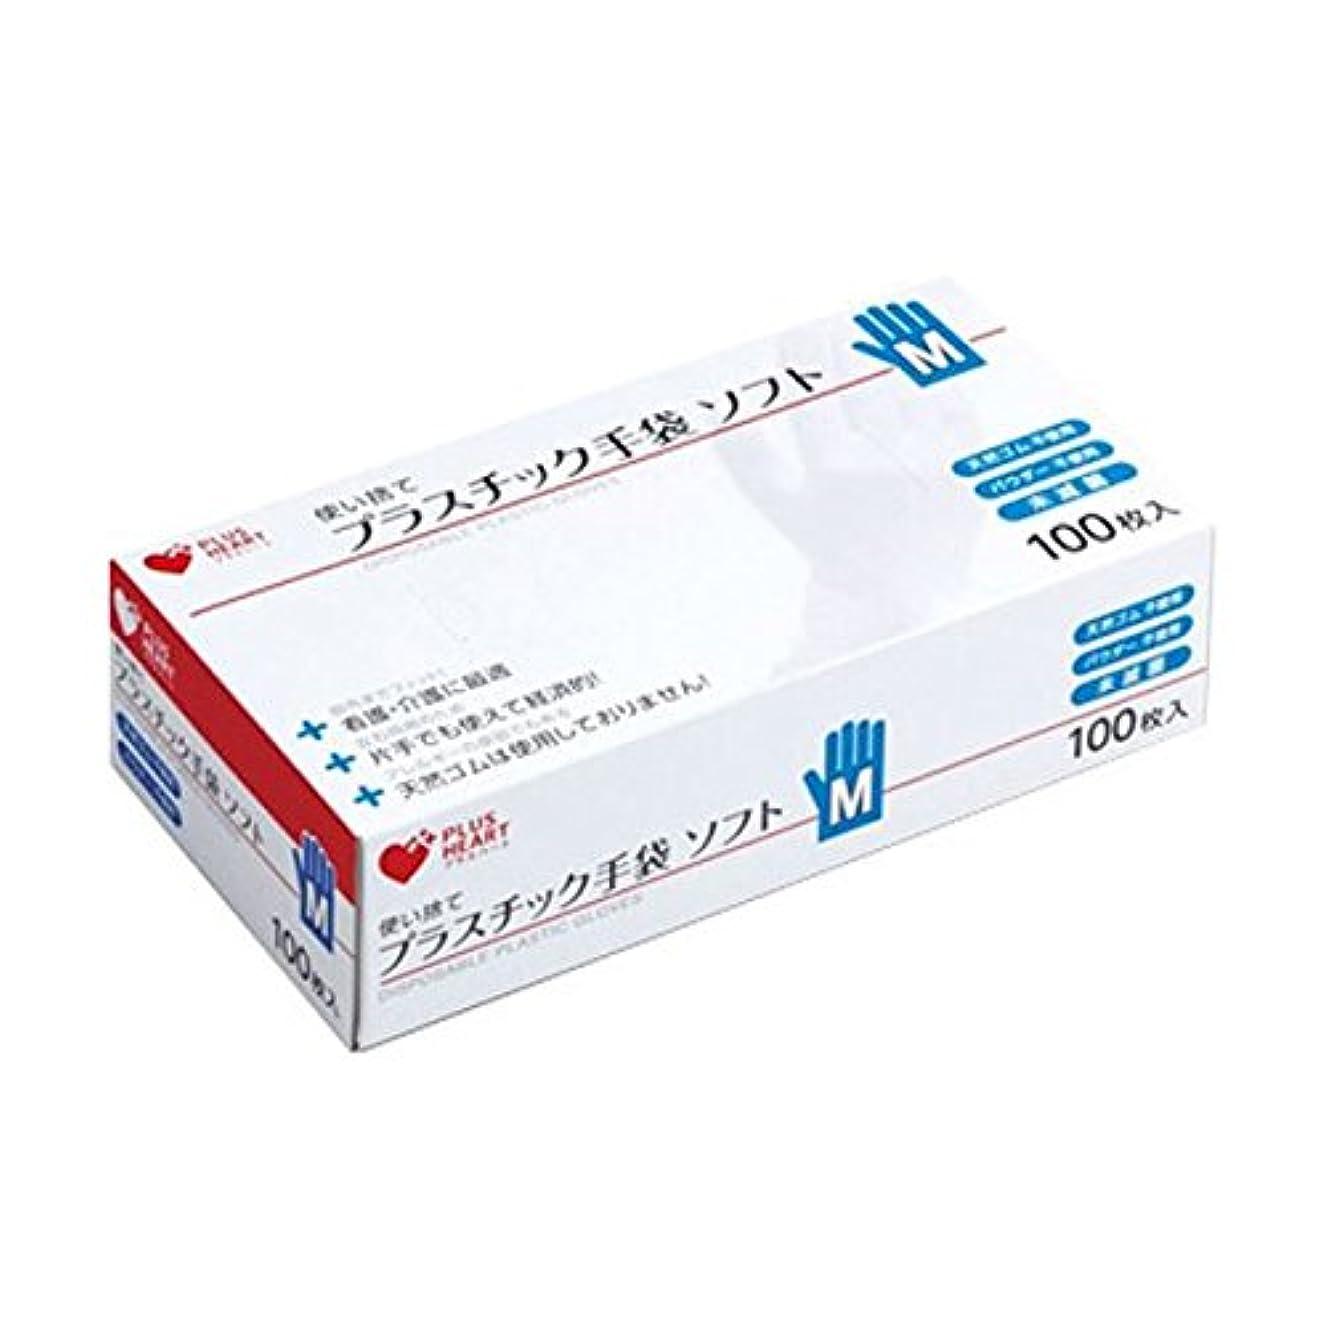 支給日焼け障害【お徳用 2 セット】 プラスハート 使い捨てプラスチック手袋 ソフト Mサイズ 100枚入×2セット